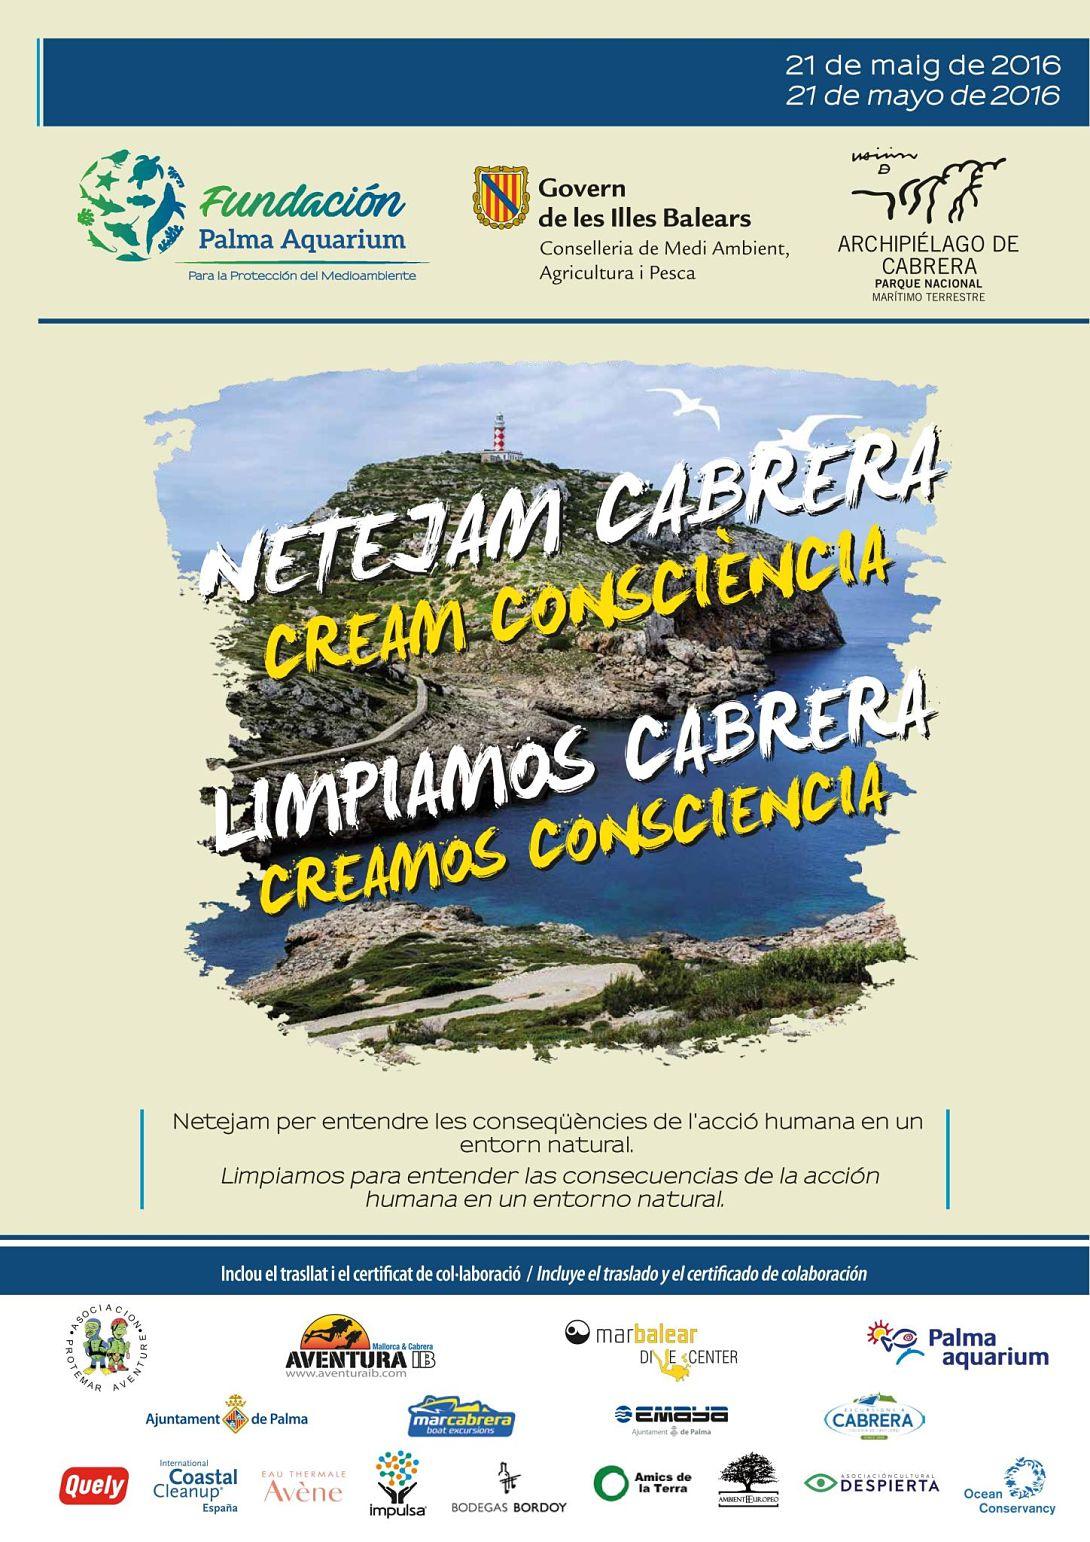 Ir a Mallorca: Jornada de voluntariado ambiental de limpieza de litoral en el Parque Nacional de Cabrera